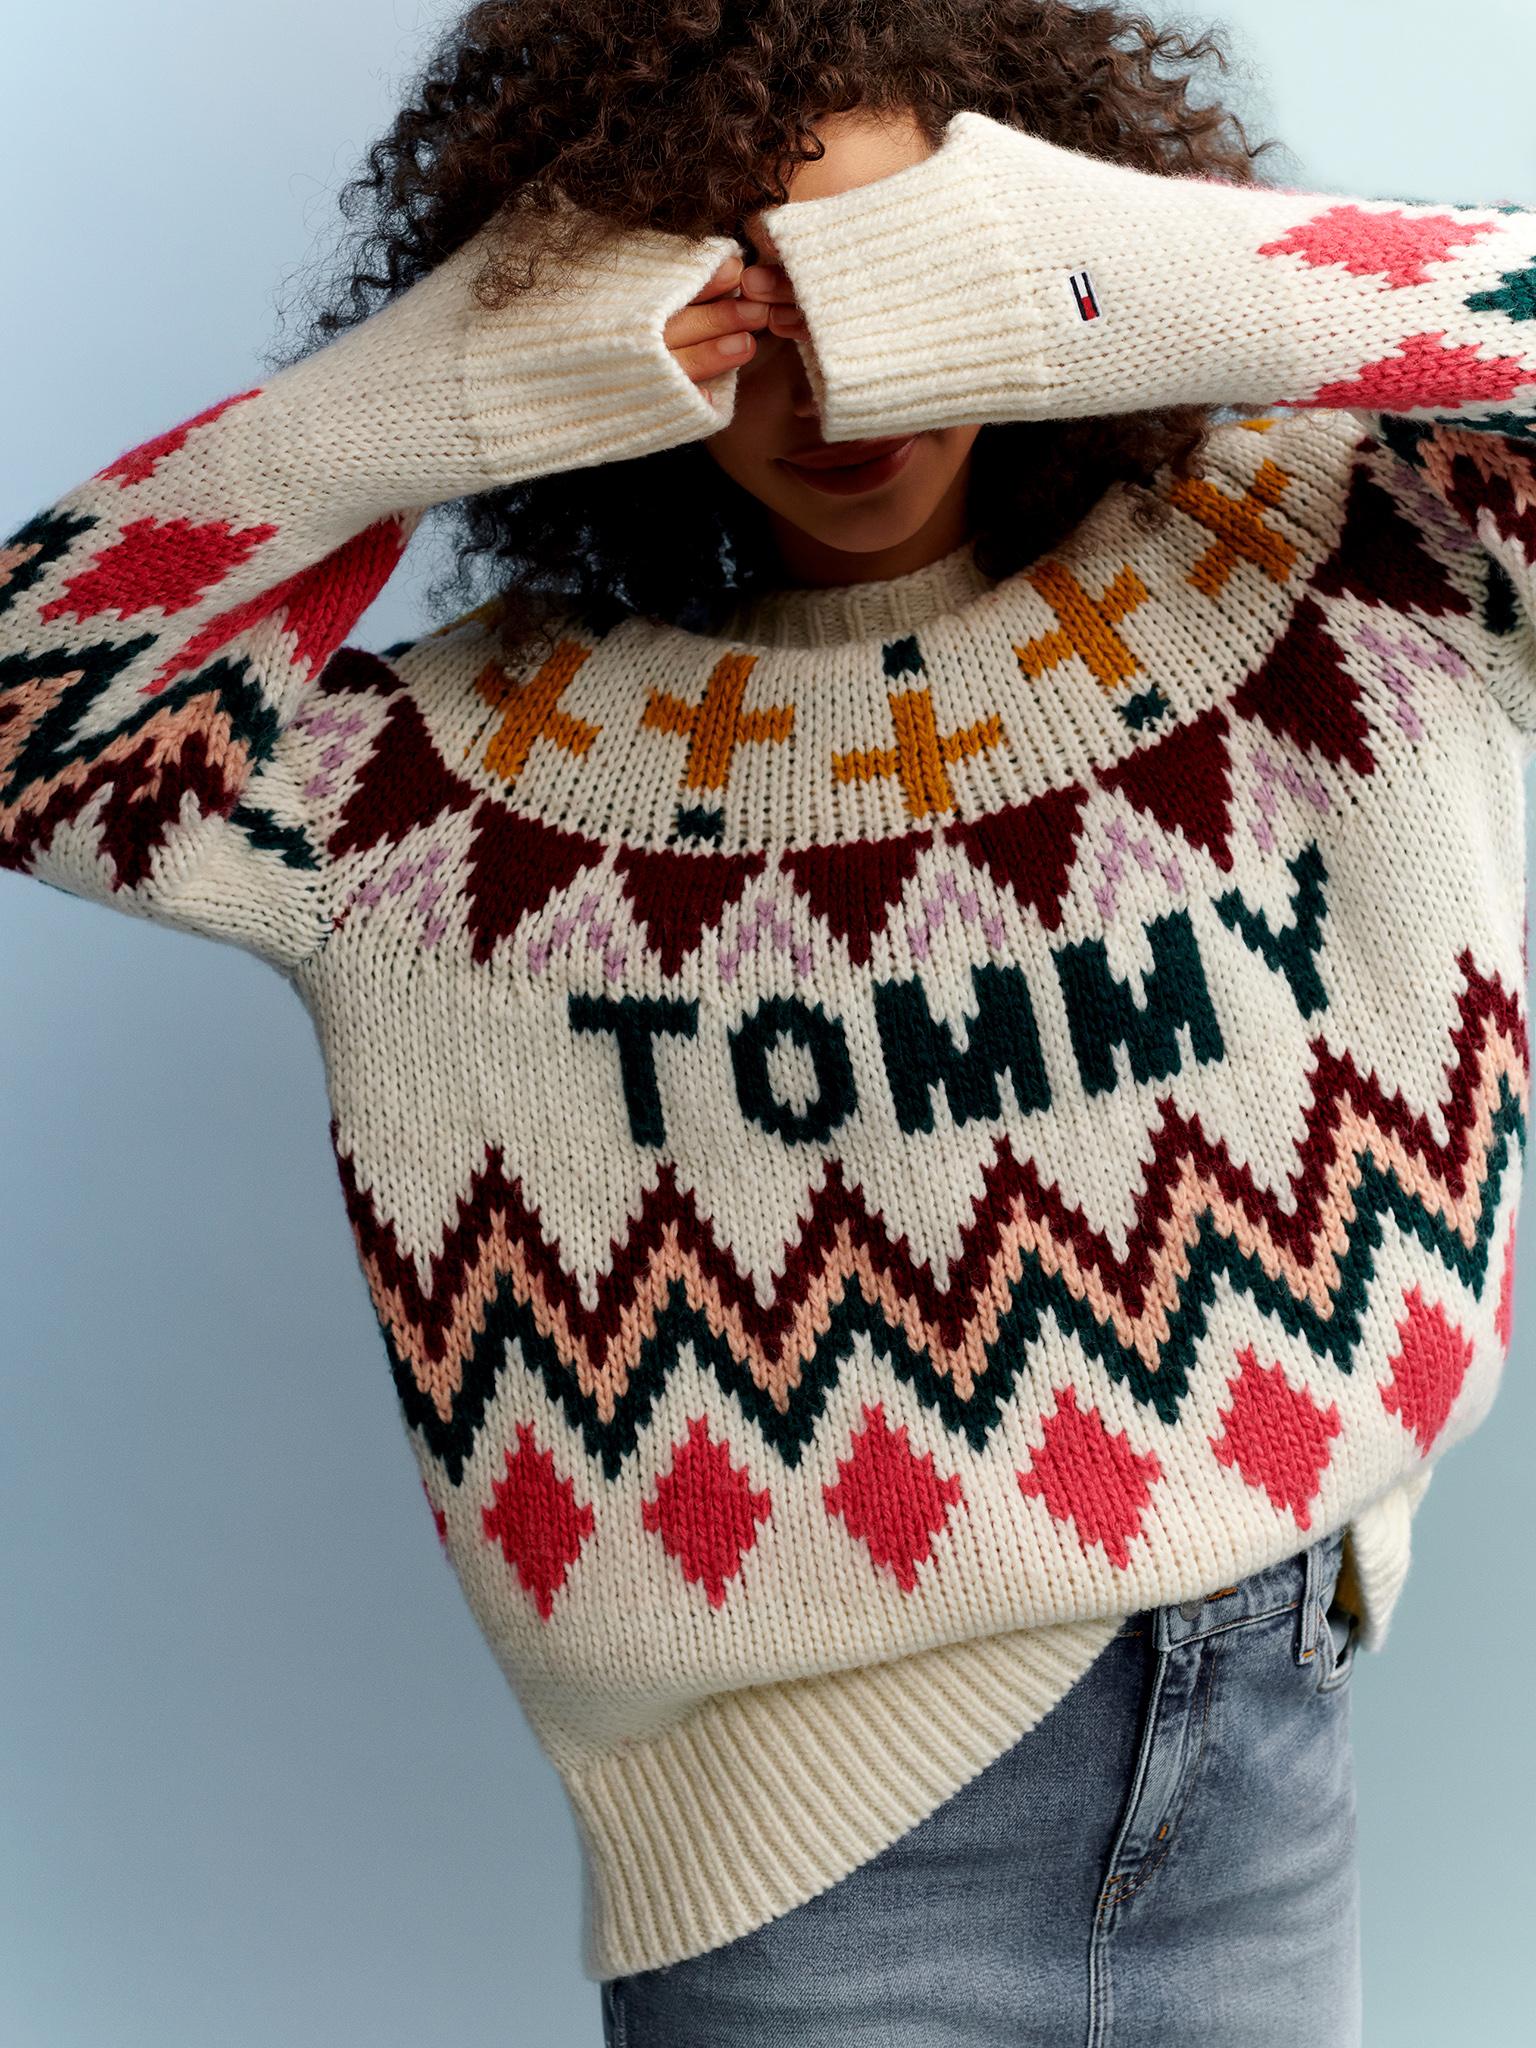 TH_Fall2019_TommyJeans_Lookbook_Look_18_Detail01.jpg